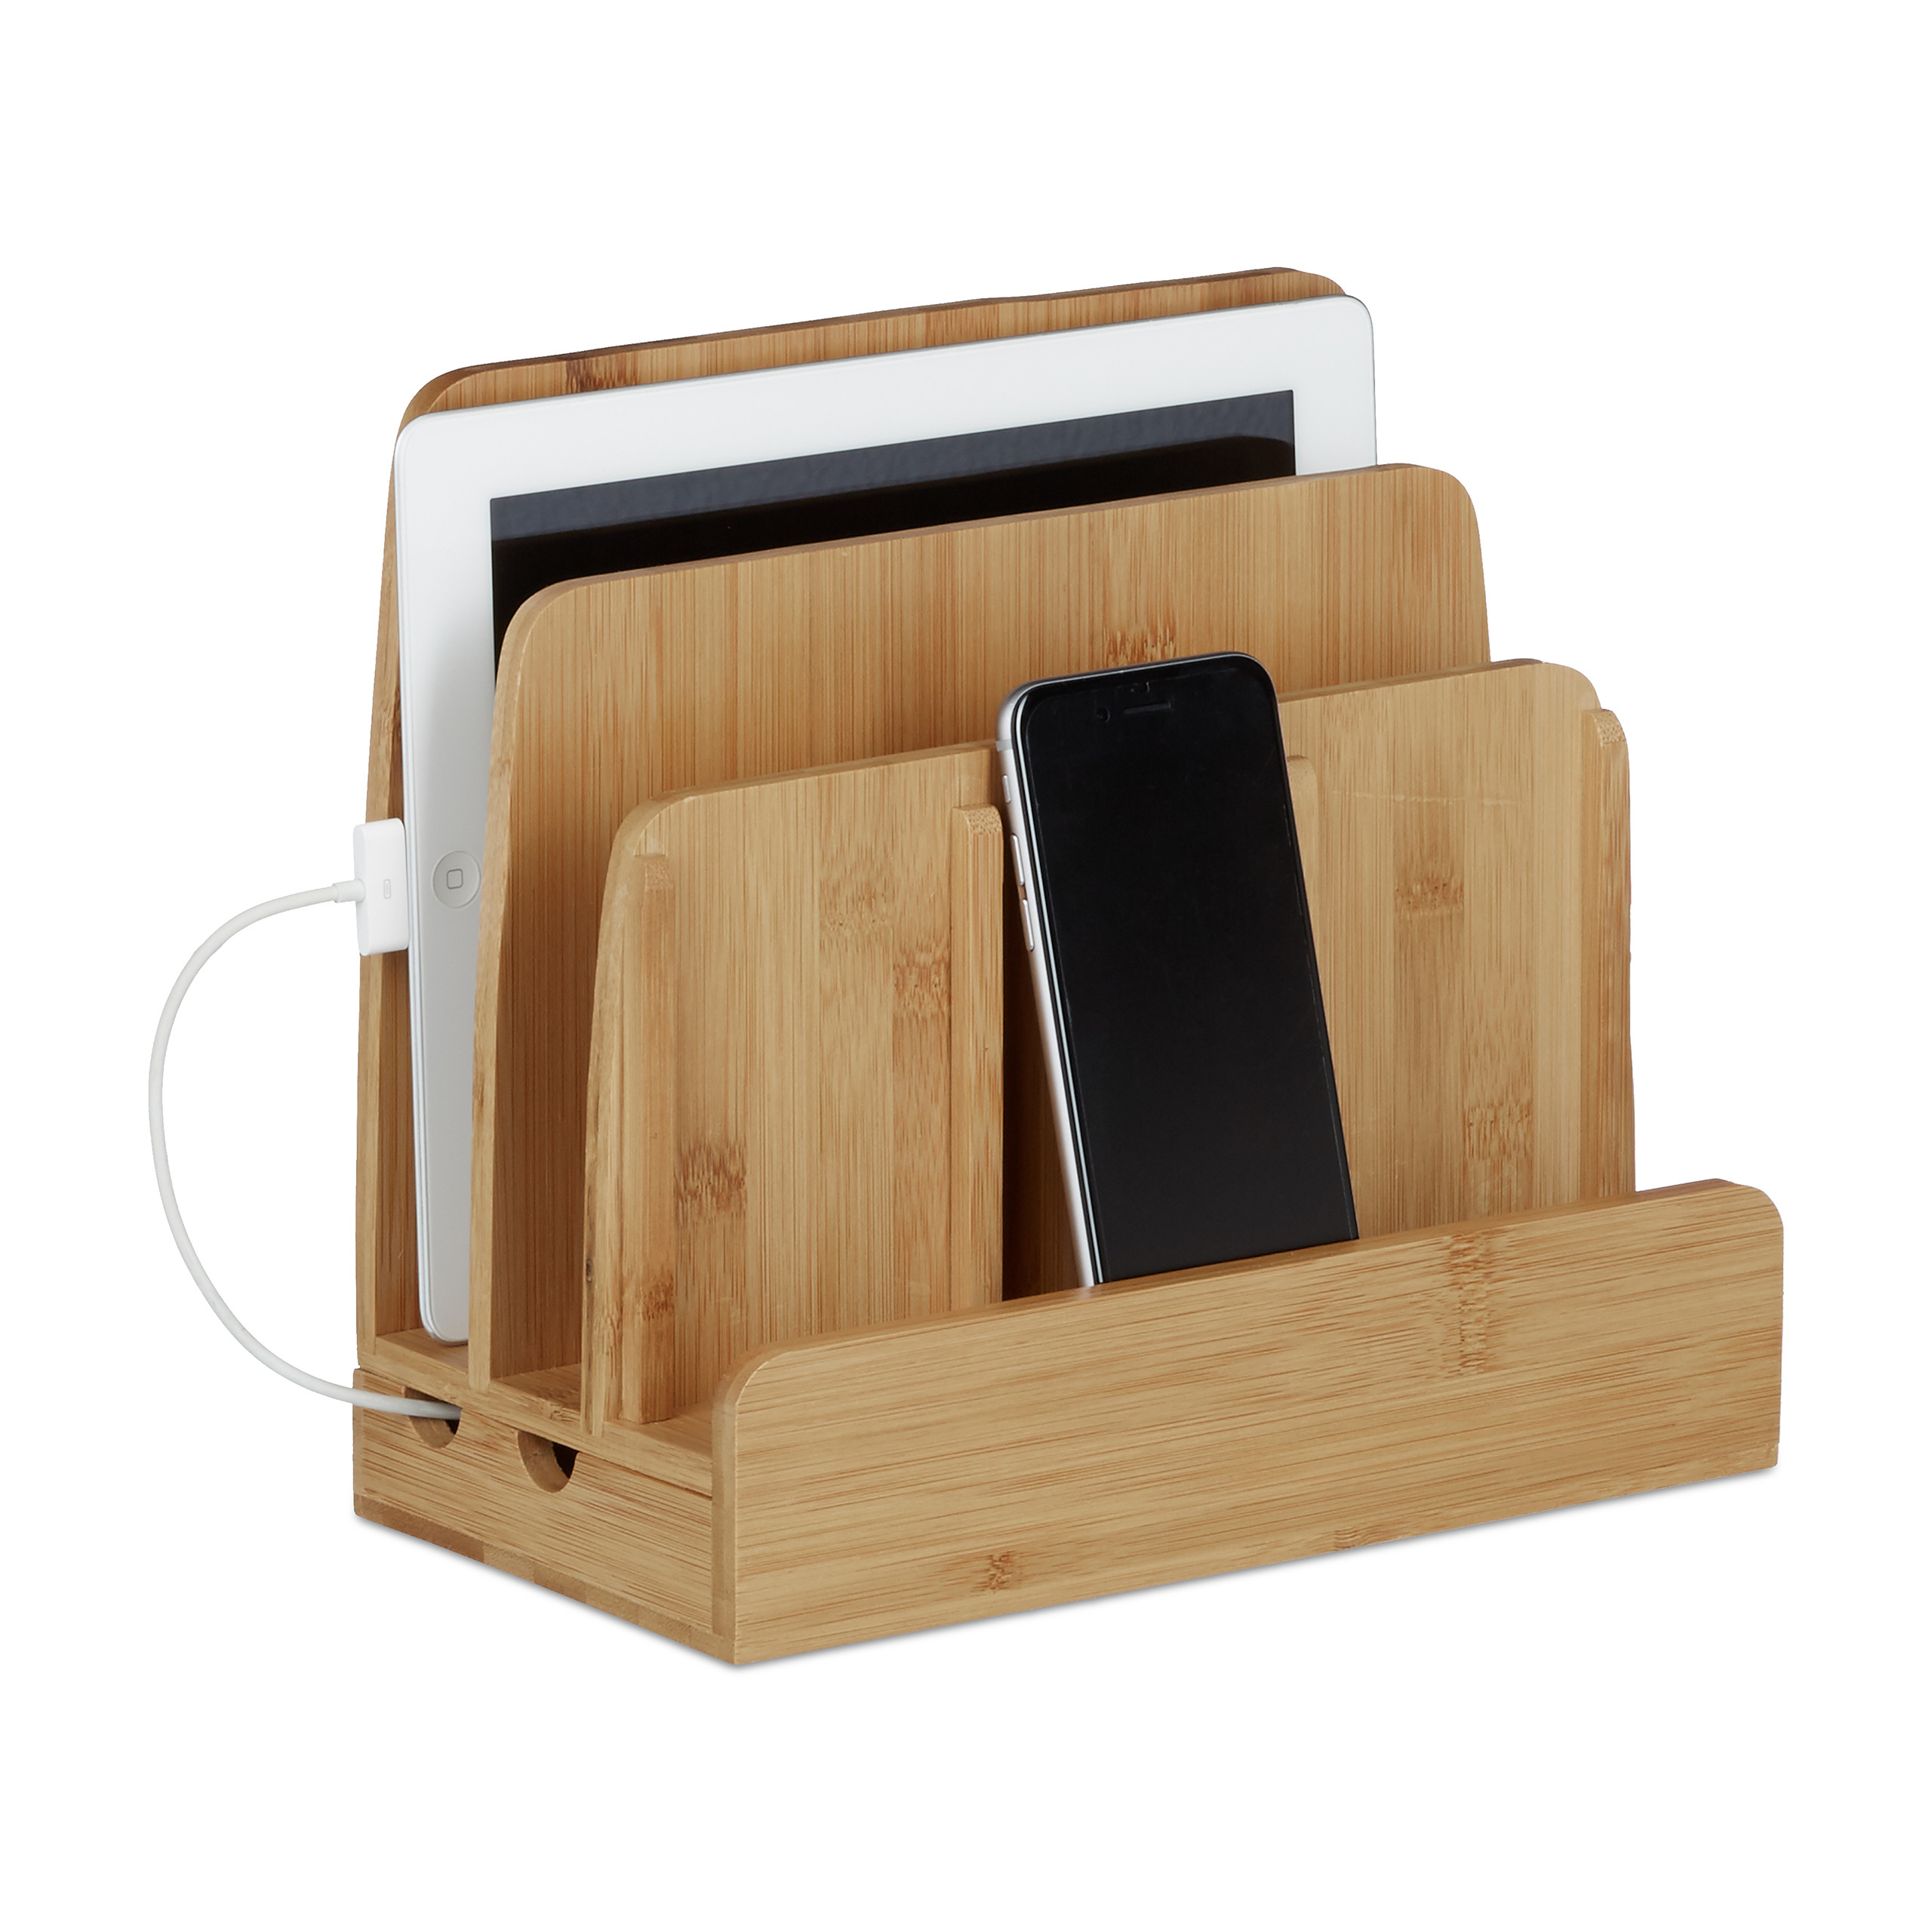 Ladestation Bambus als Handyhalter und Schreibtischorganizer Docking Station